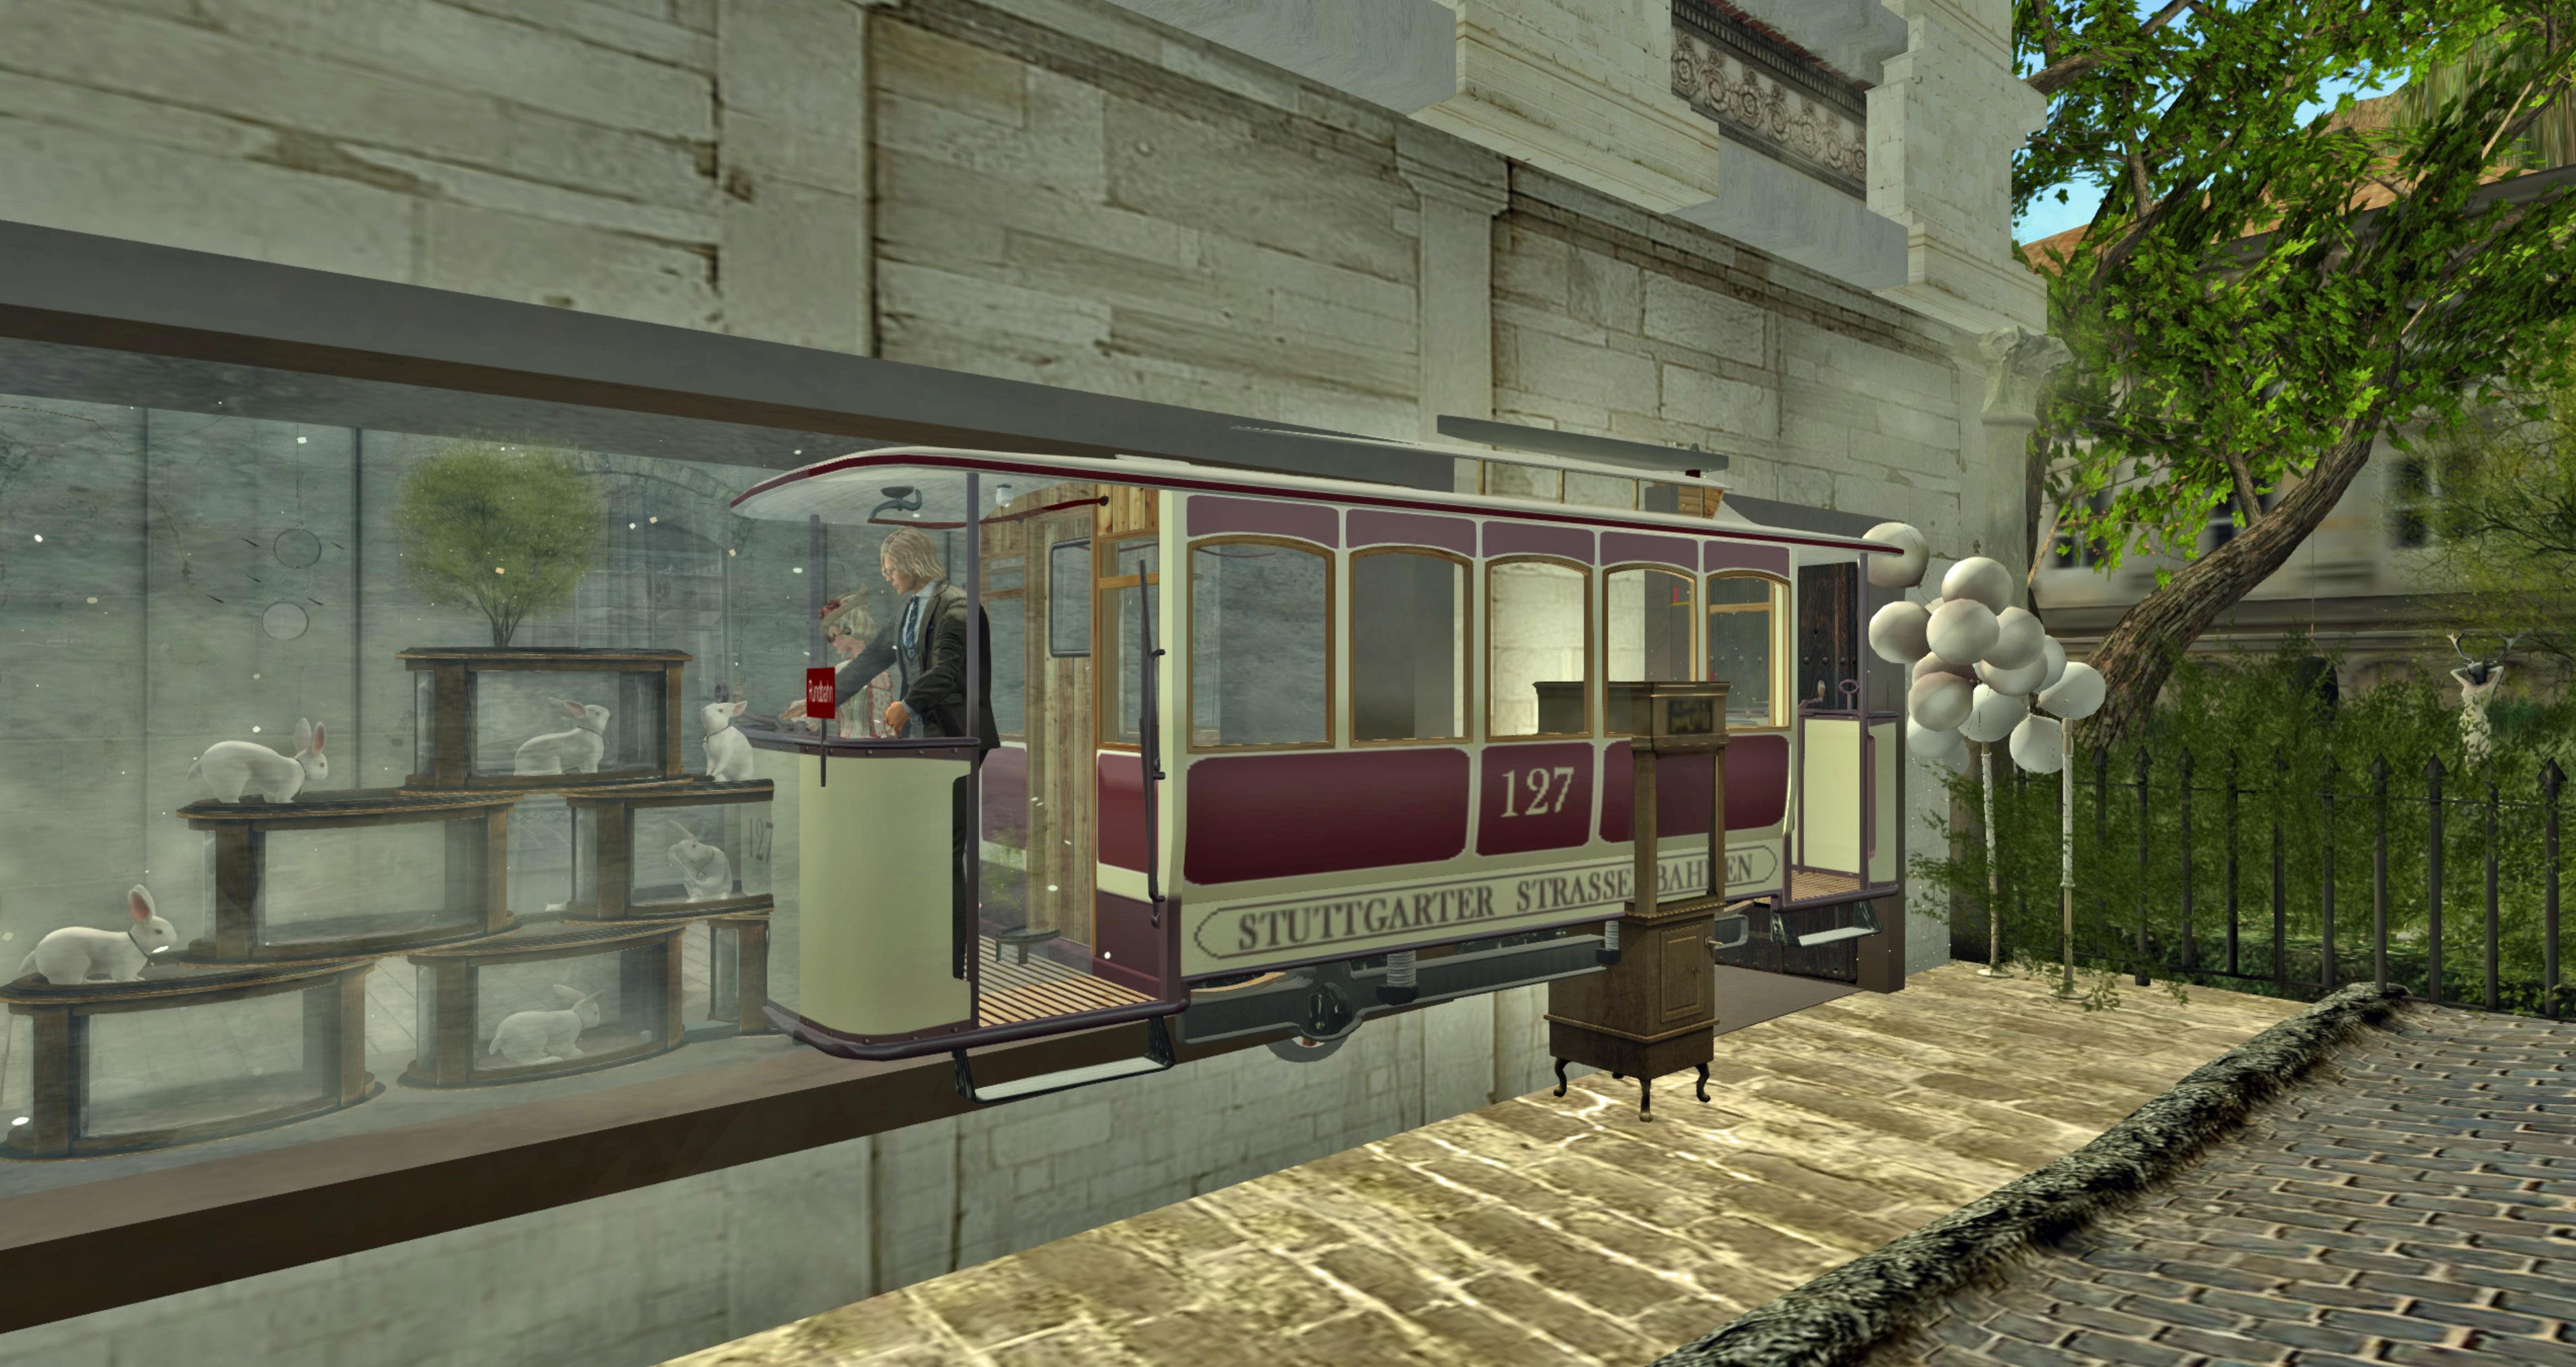 Bahn-180316-001h